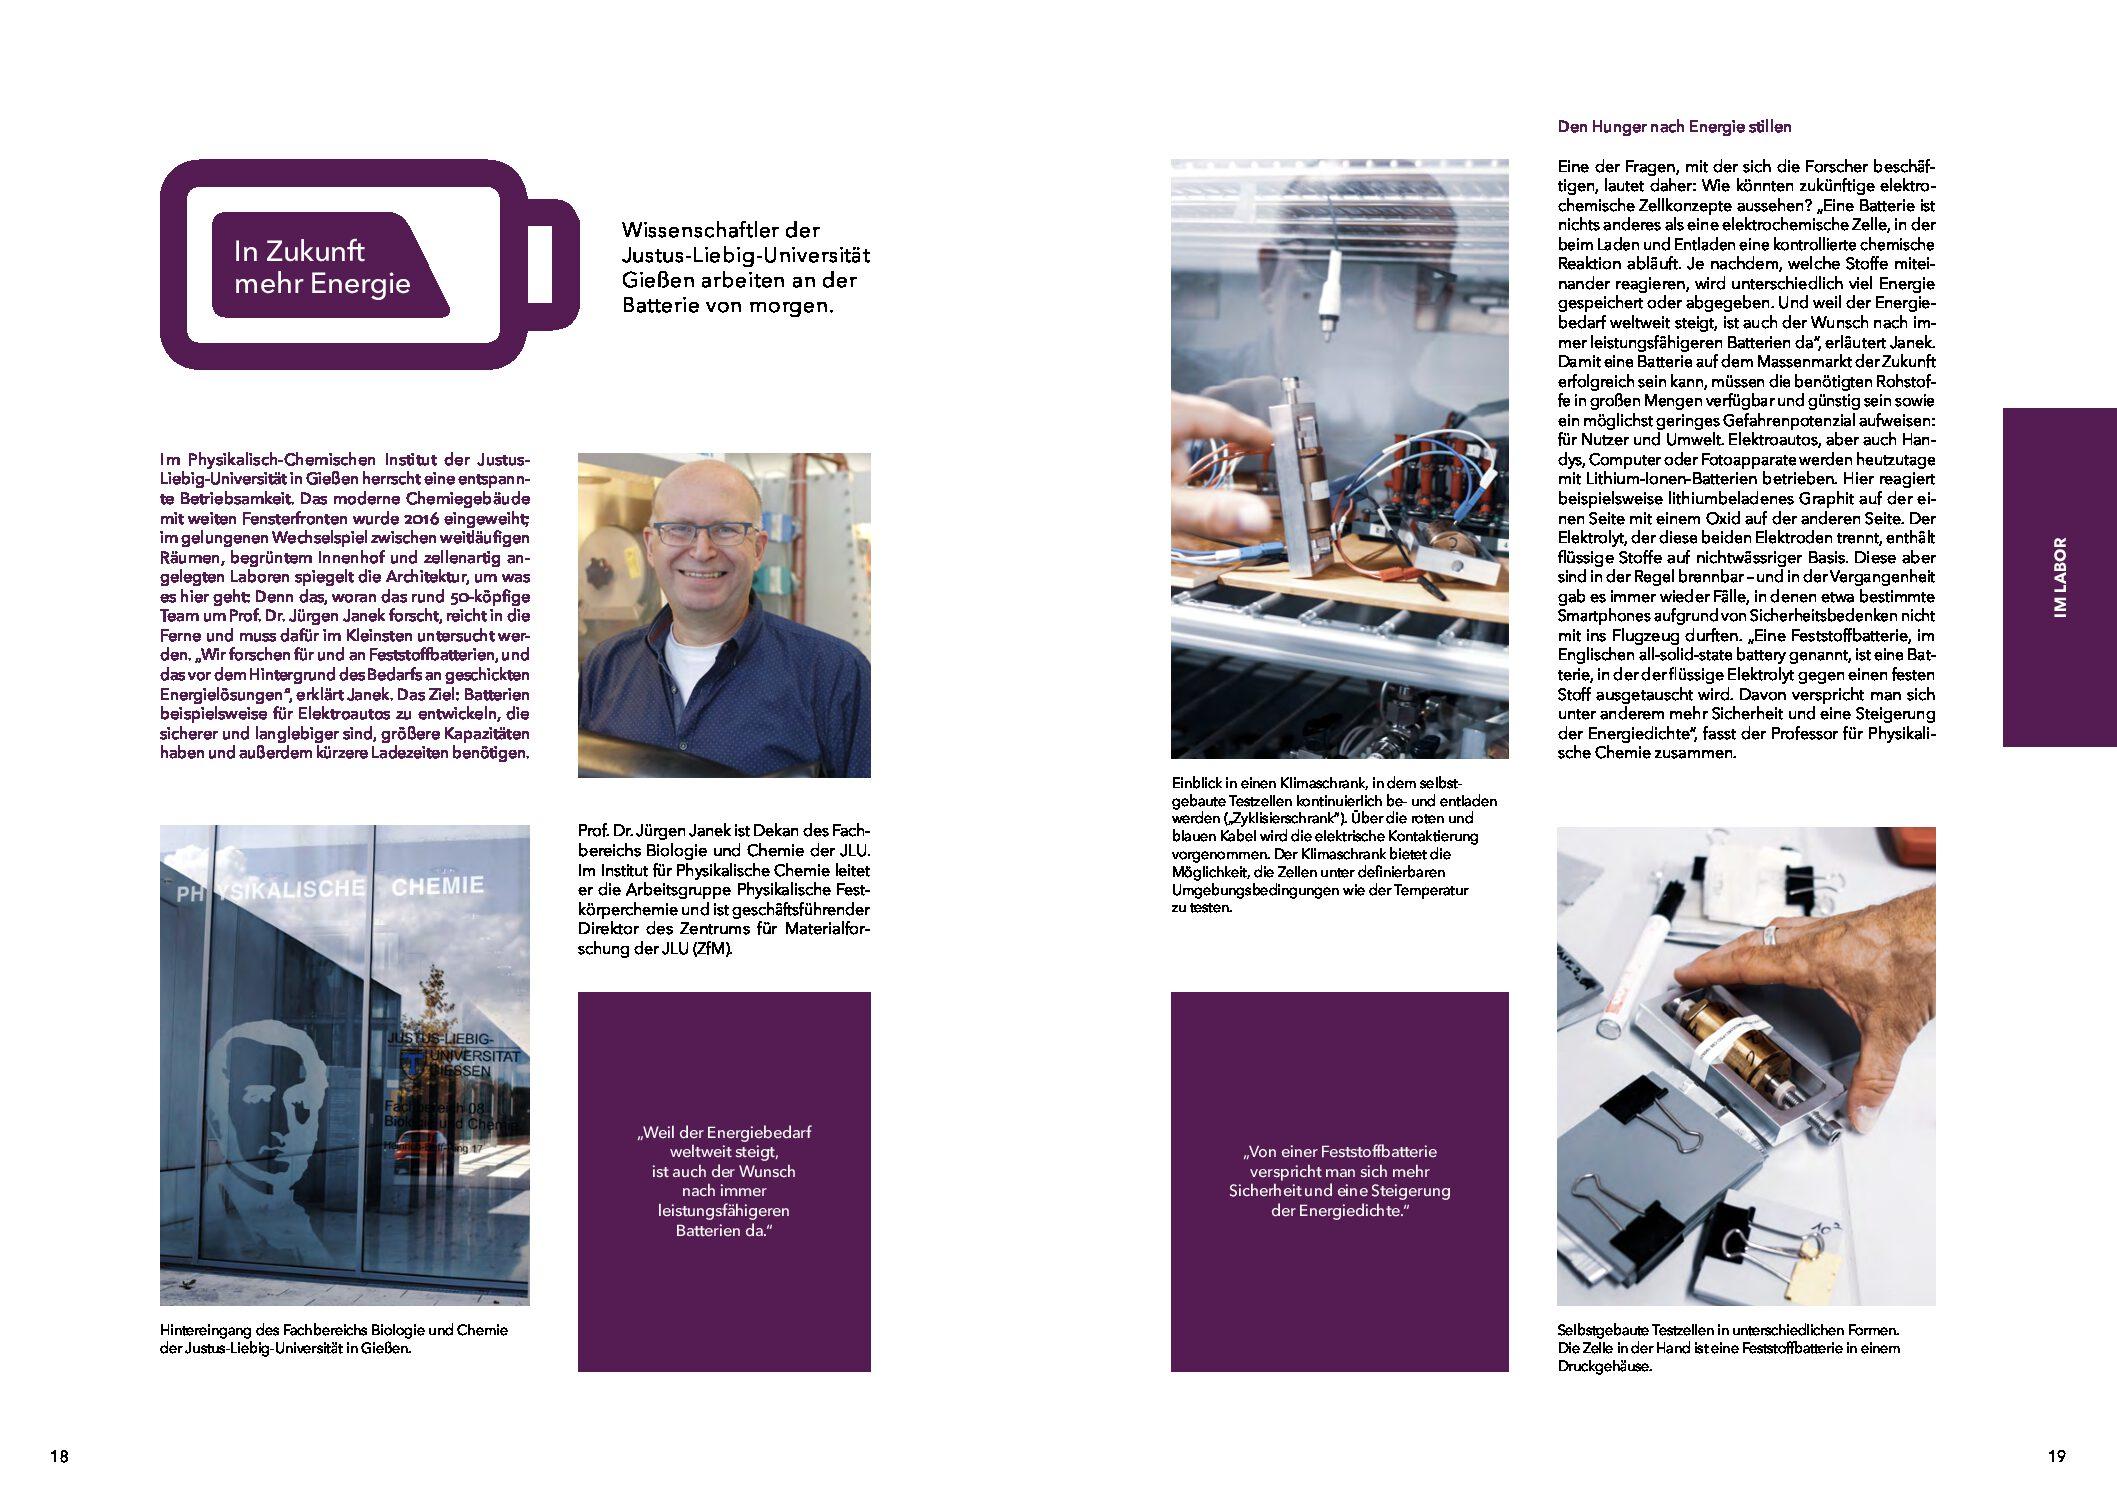 TLH-Magazin-04-Web (verschoben) 3